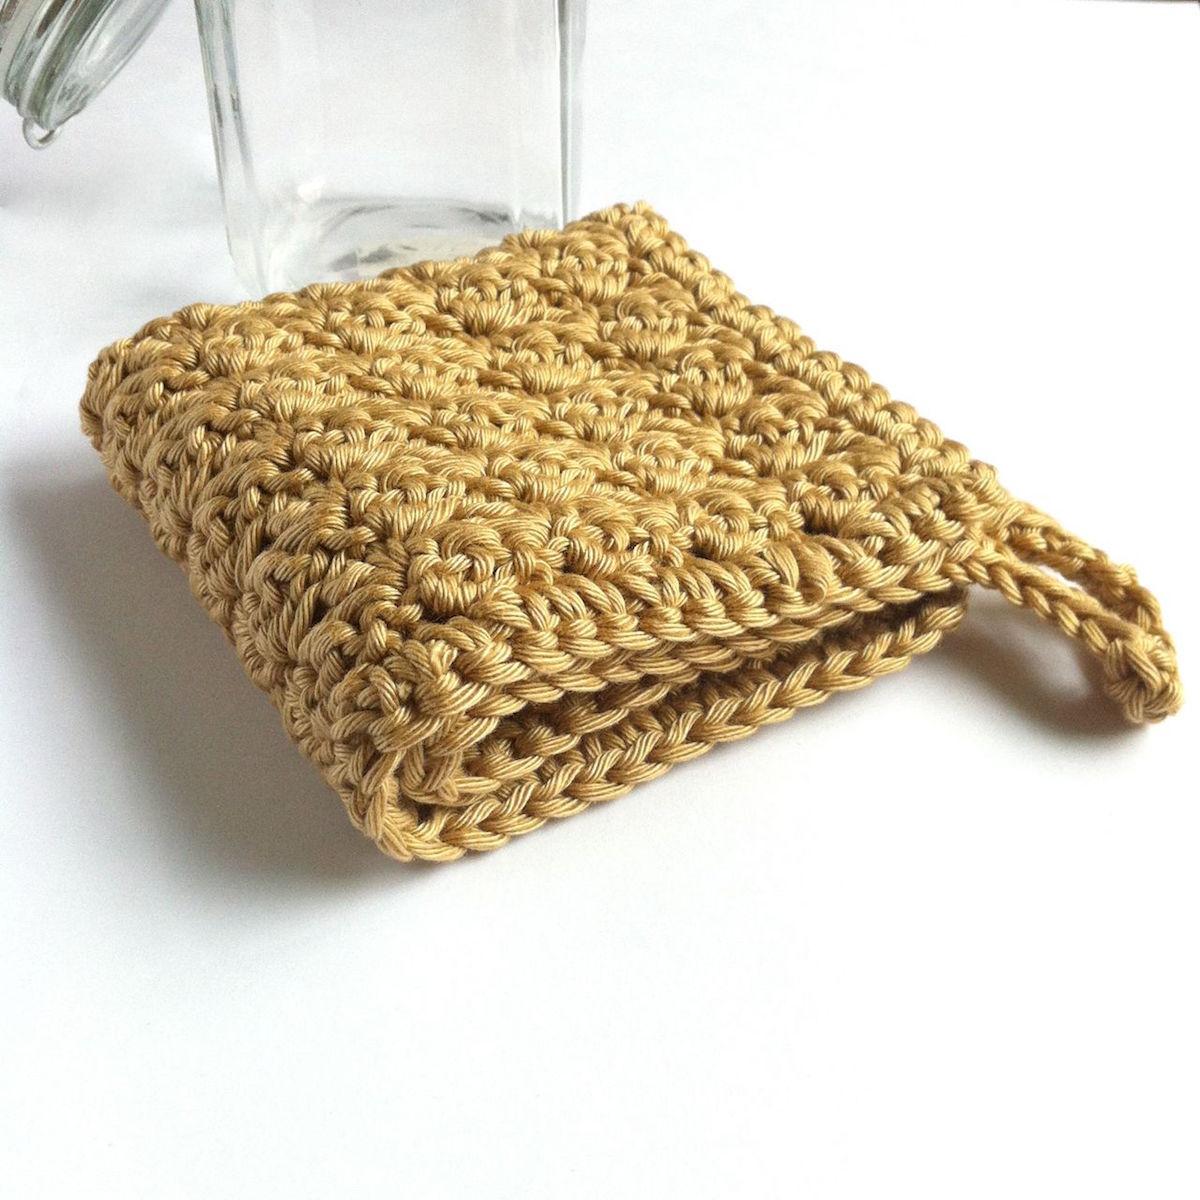 Little Conkers Crochet Washcloth Pattern